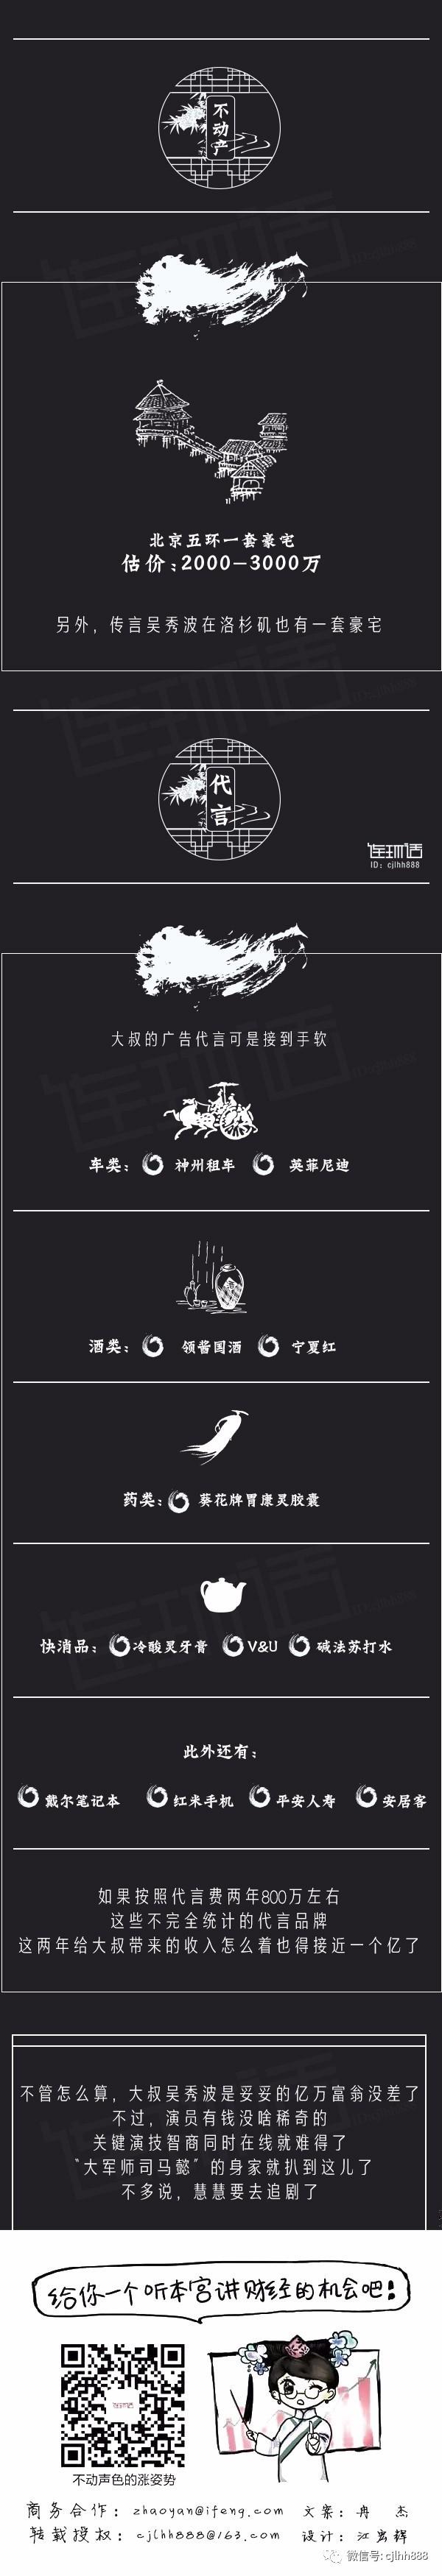 """""""大军师司马懿""""有多少钱 - 孟广桥 - 领导智慧"""